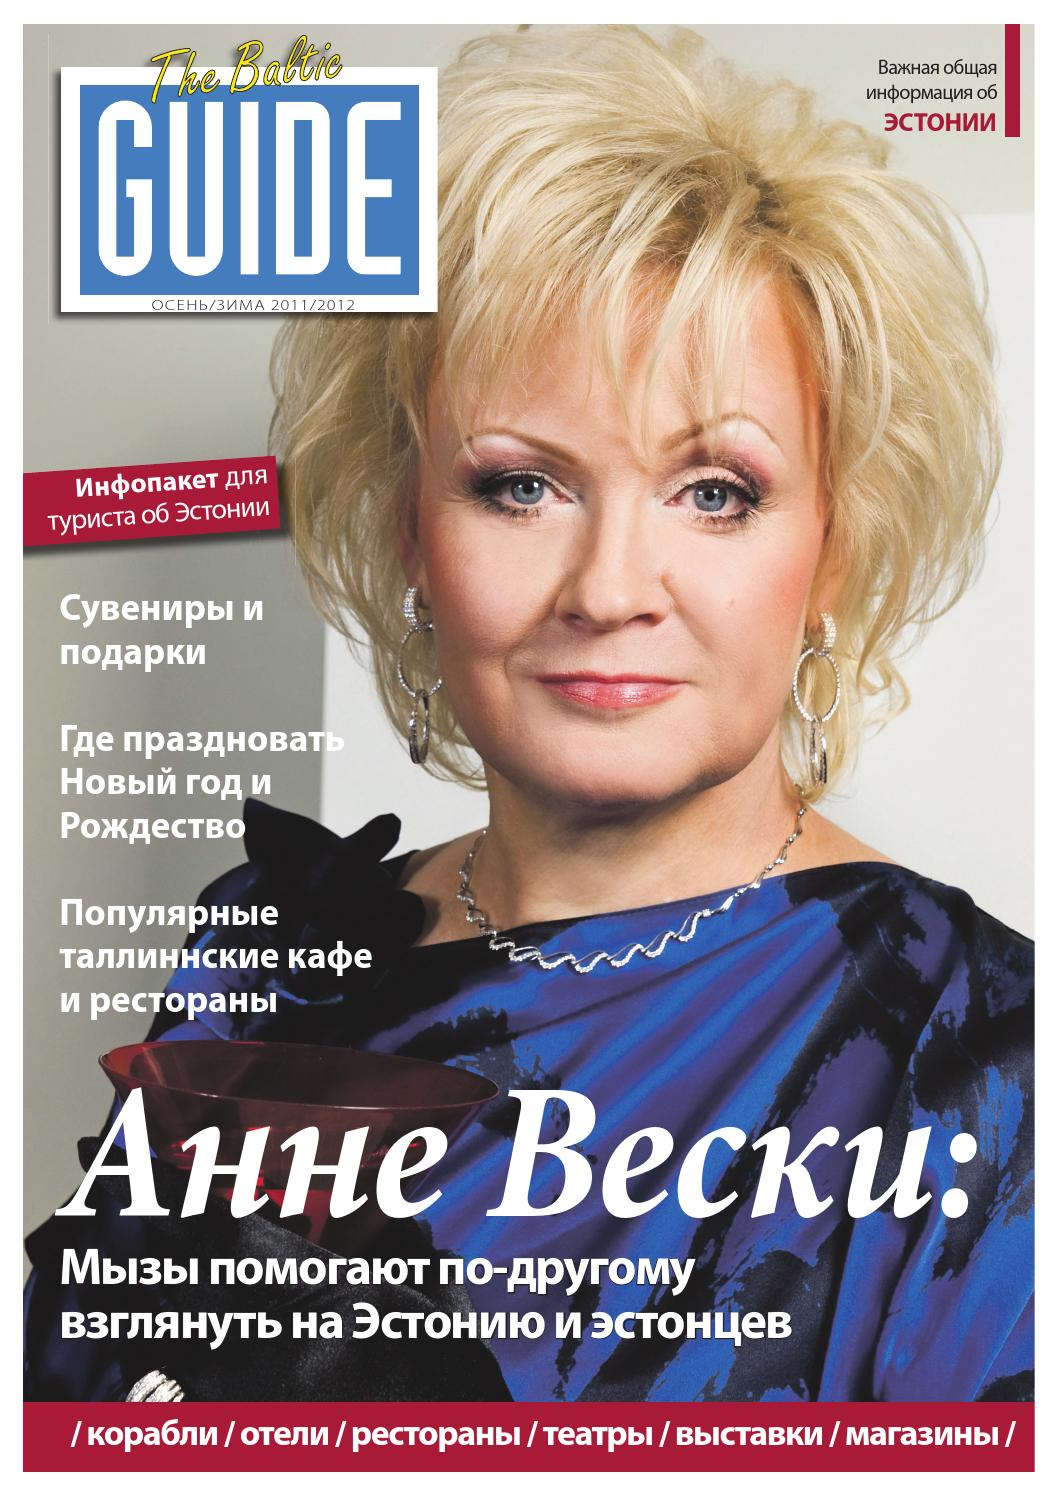 h журнал чем развлечь гостей 2011